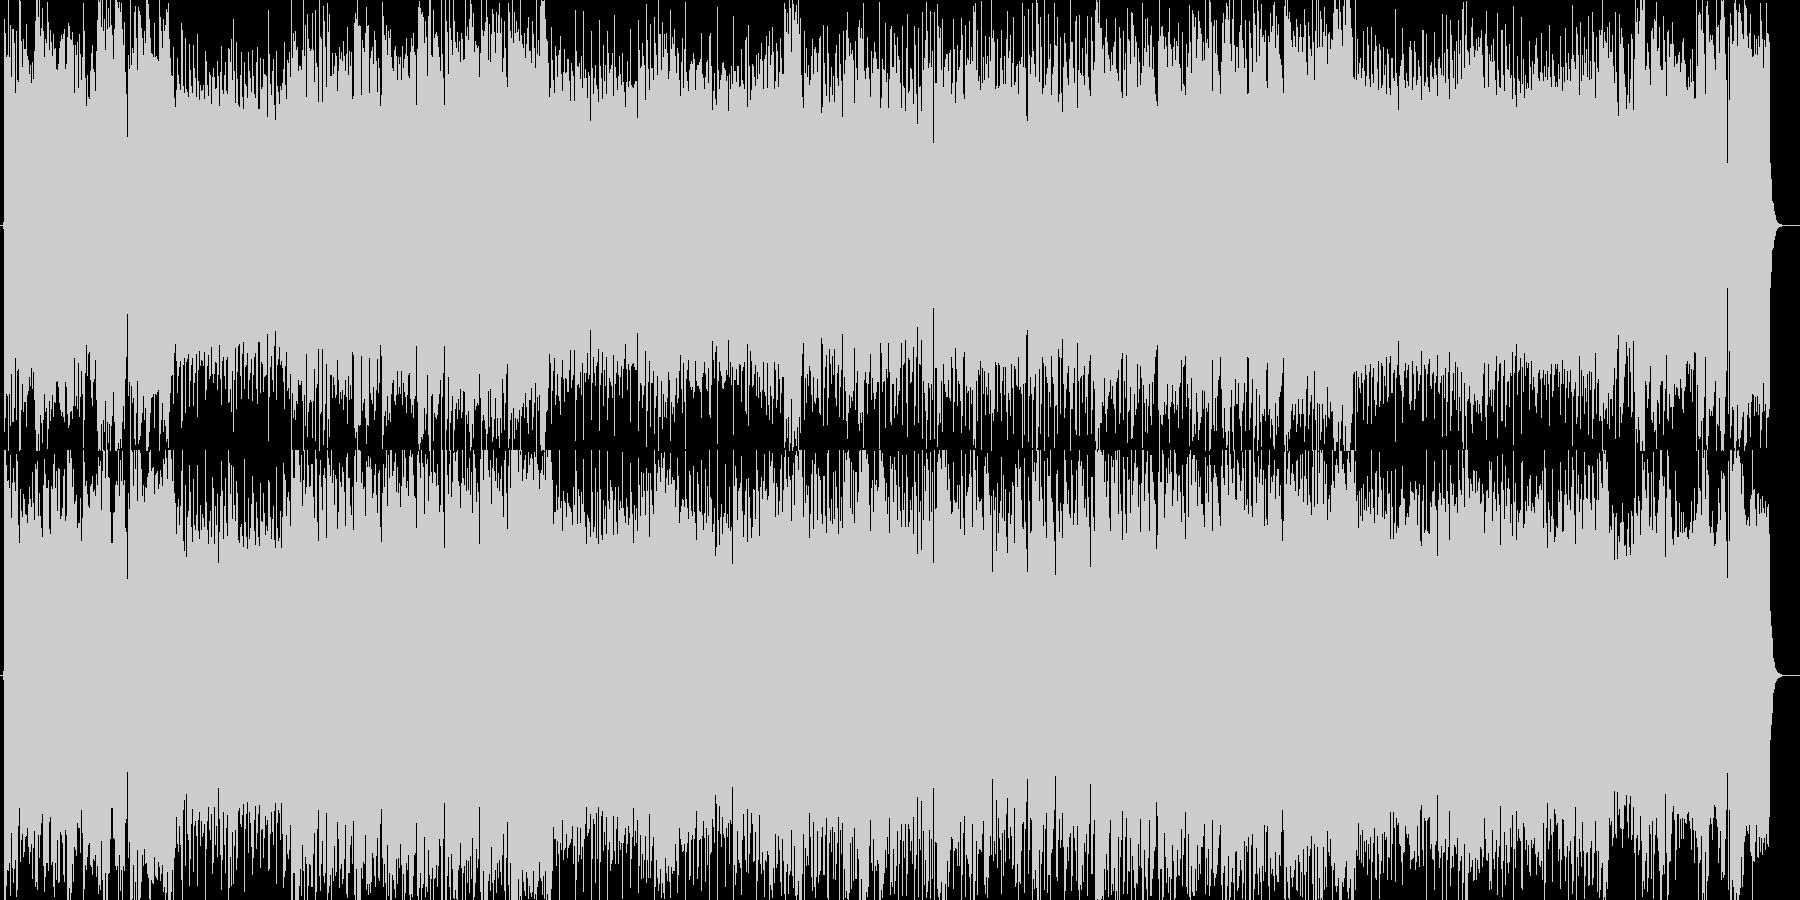 ガッツあふれる熱い曲調の現代音楽の未再生の波形